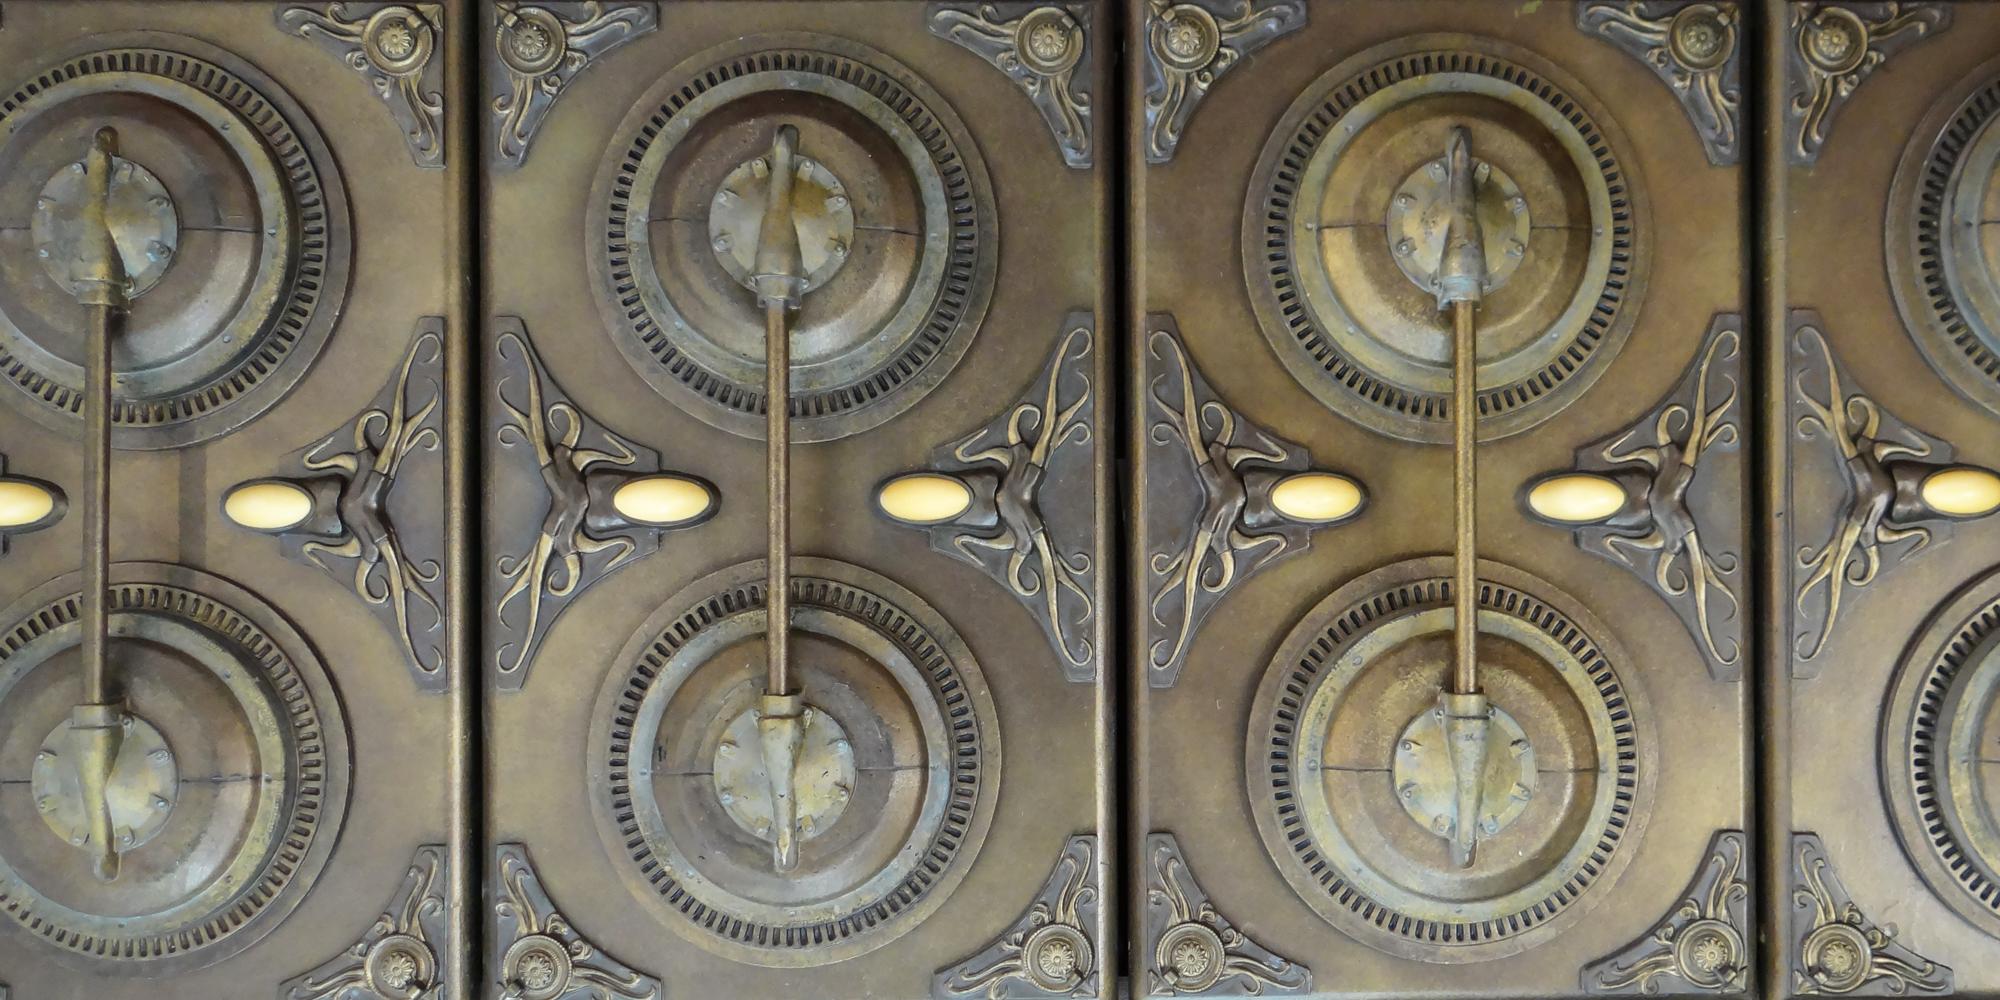 décor avec effet patine métal - Esprit Nautilus du Capitaine Némo